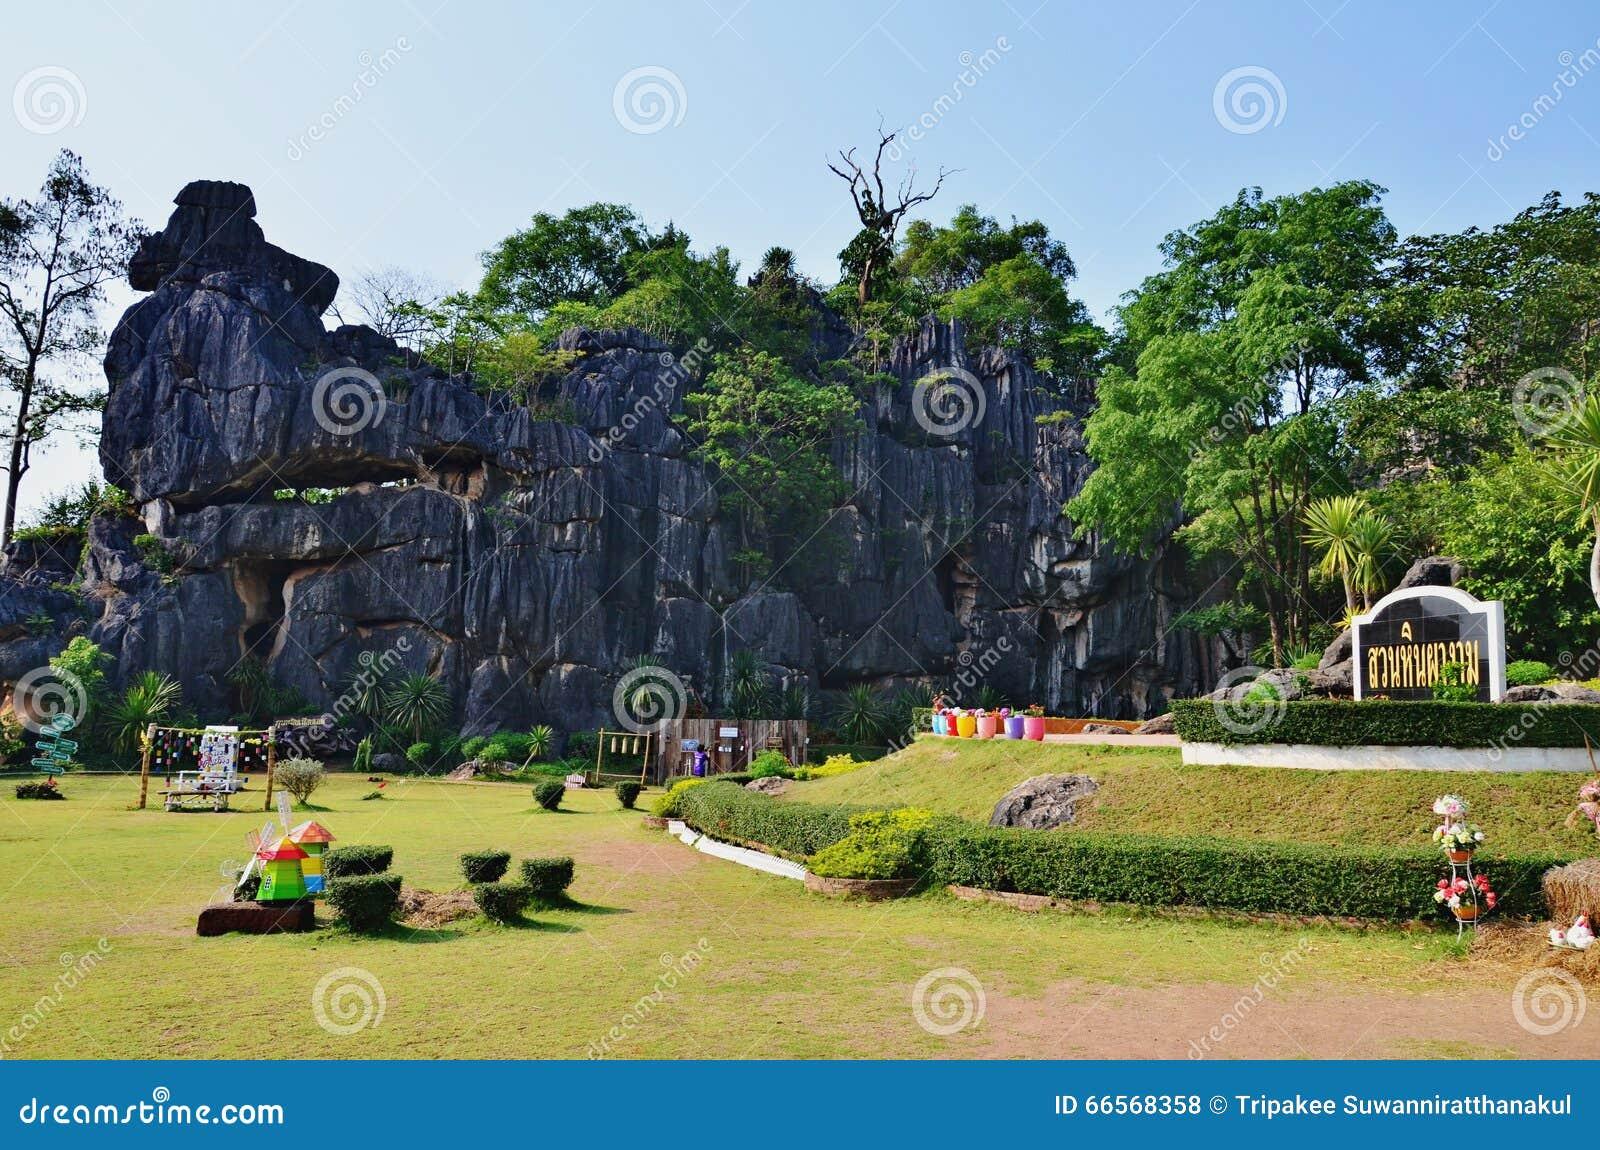 suan hin pha ngam,山泰国是看起来石森林瓷(khunming).图片